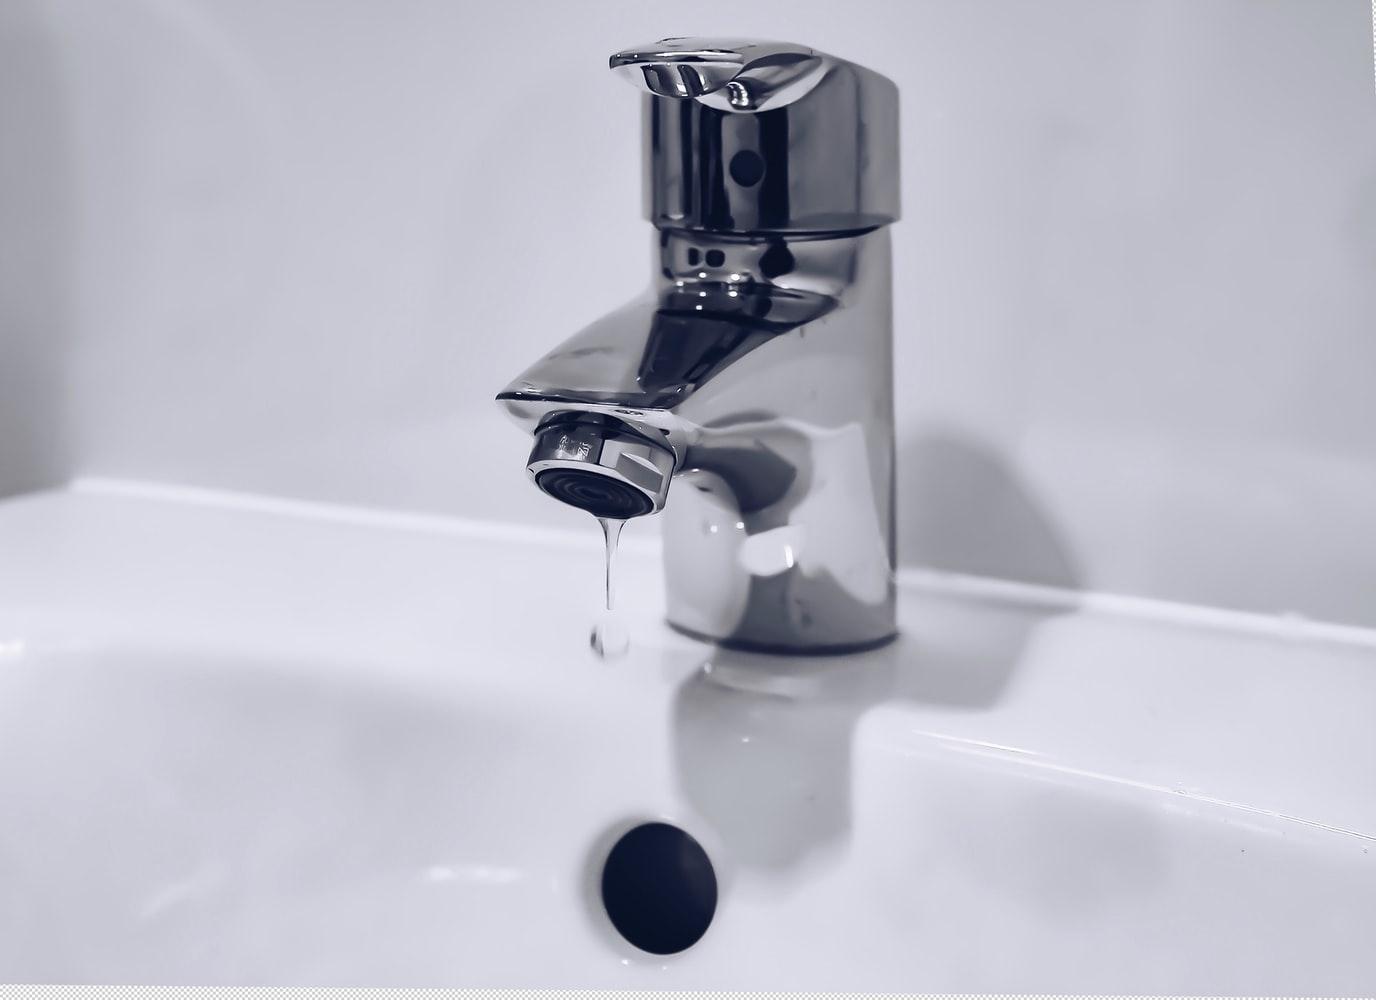 水膨れが破けた:水で洗い流した後に湿潤療法